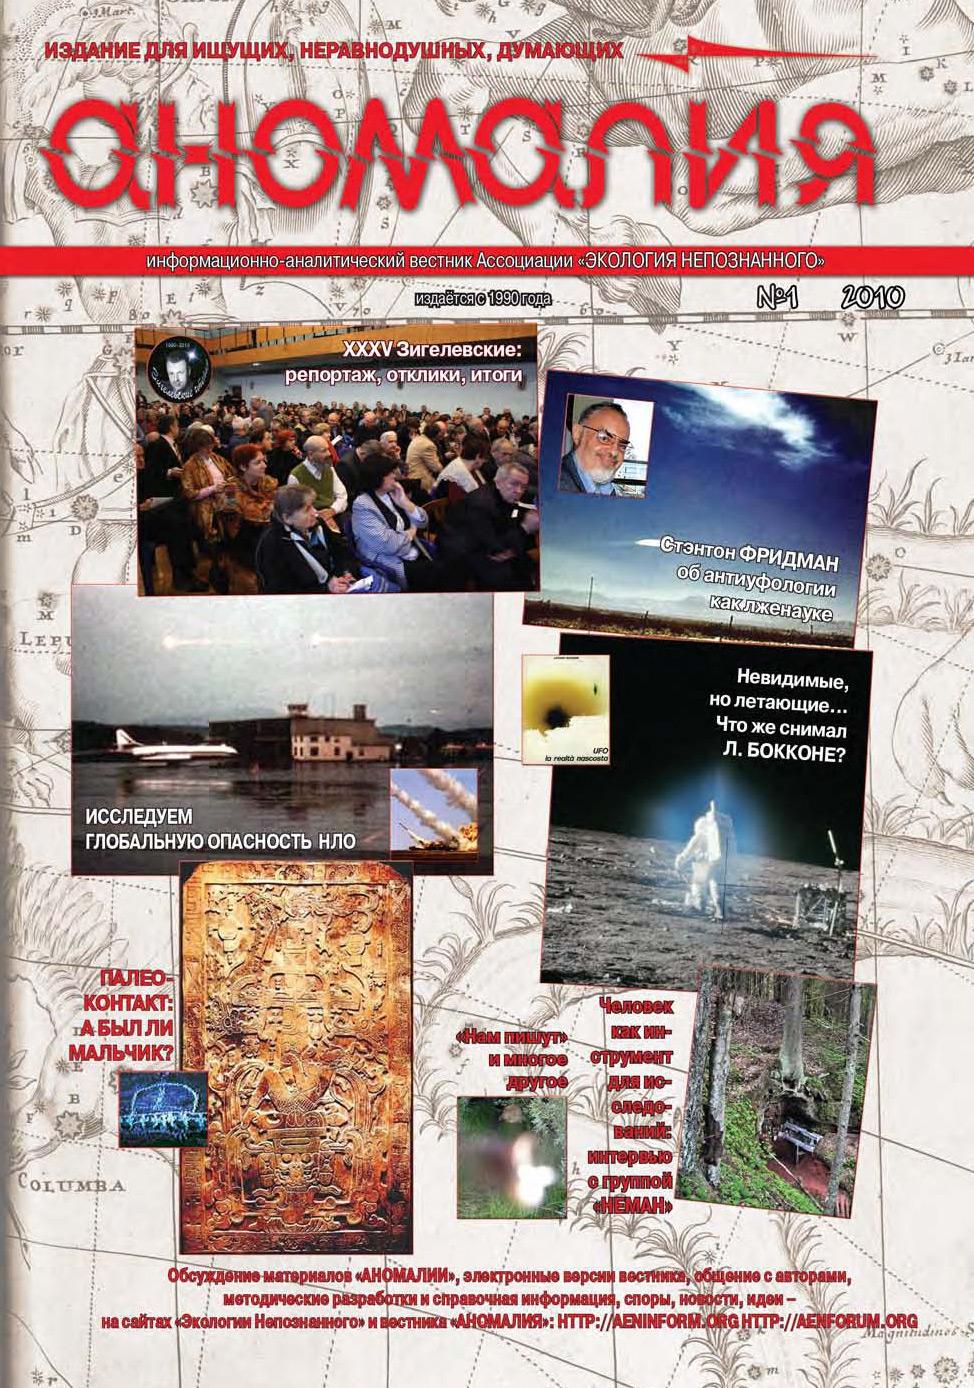 Отсутствует Журнал «Аномалия» №1 / 2010